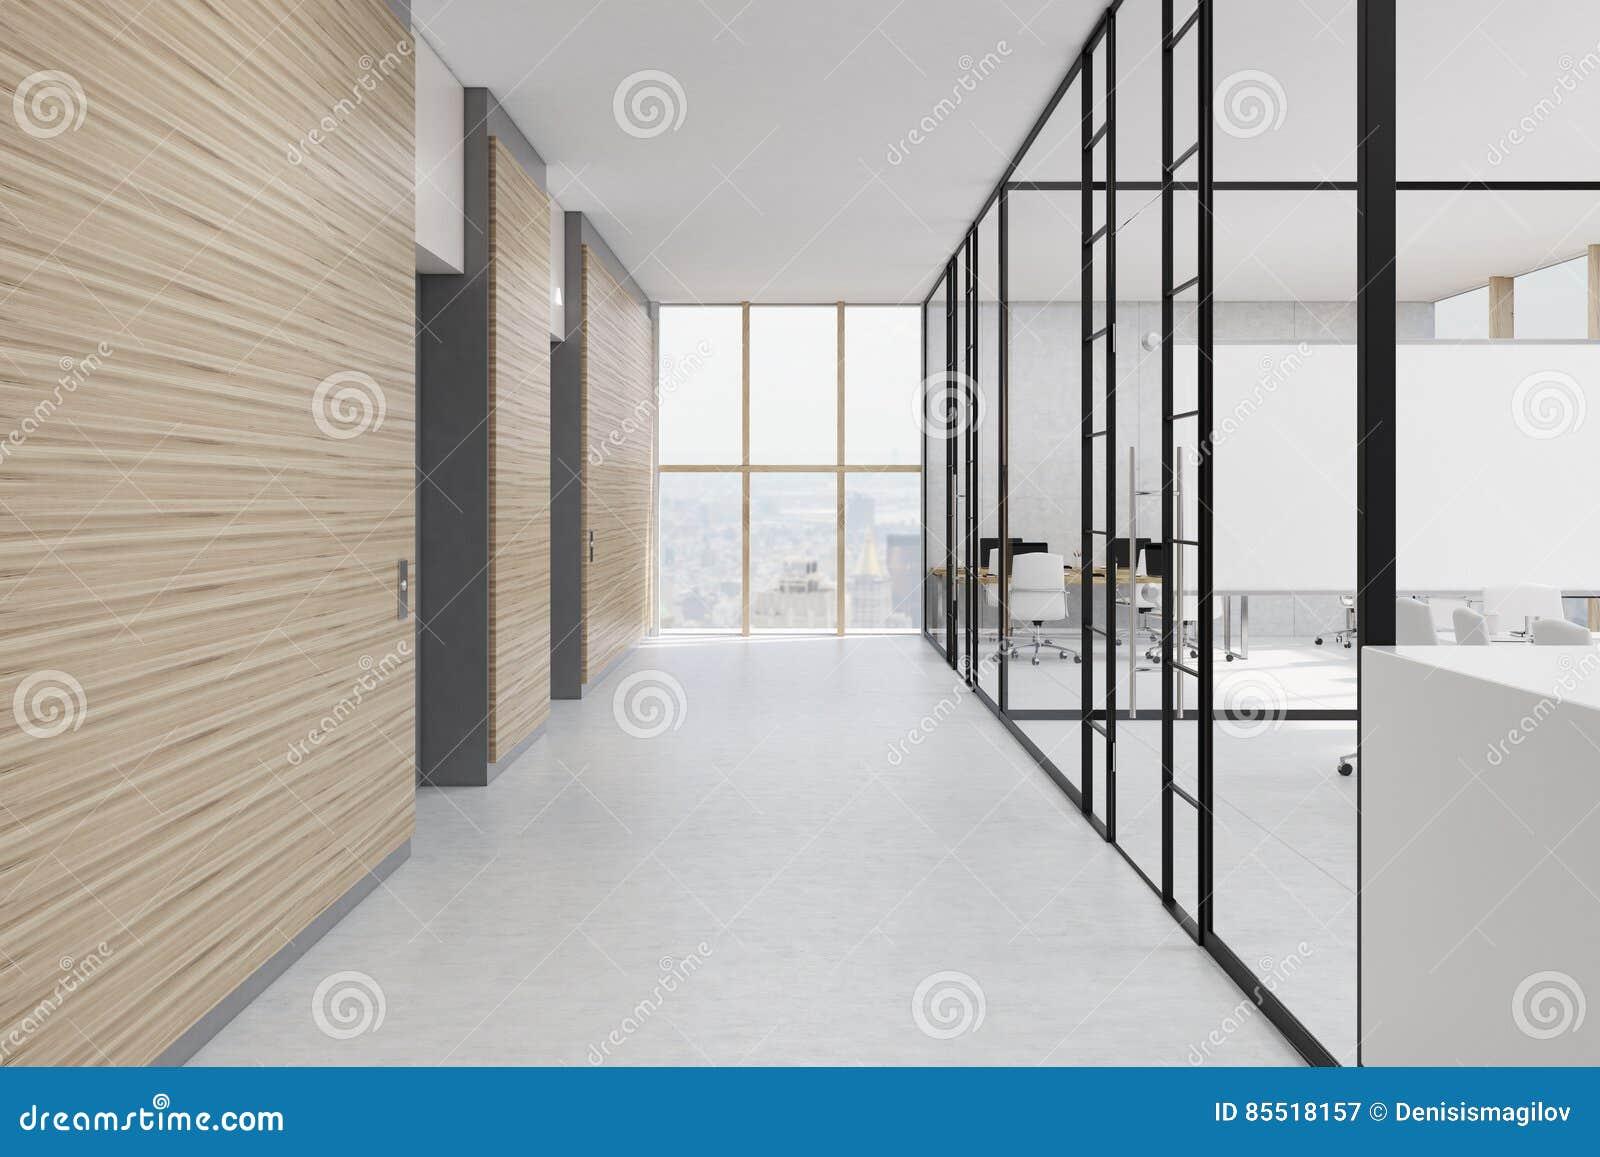 Ufficio Legno E Vetro : Corridoio dellufficio con le pareti di legno e di vetro